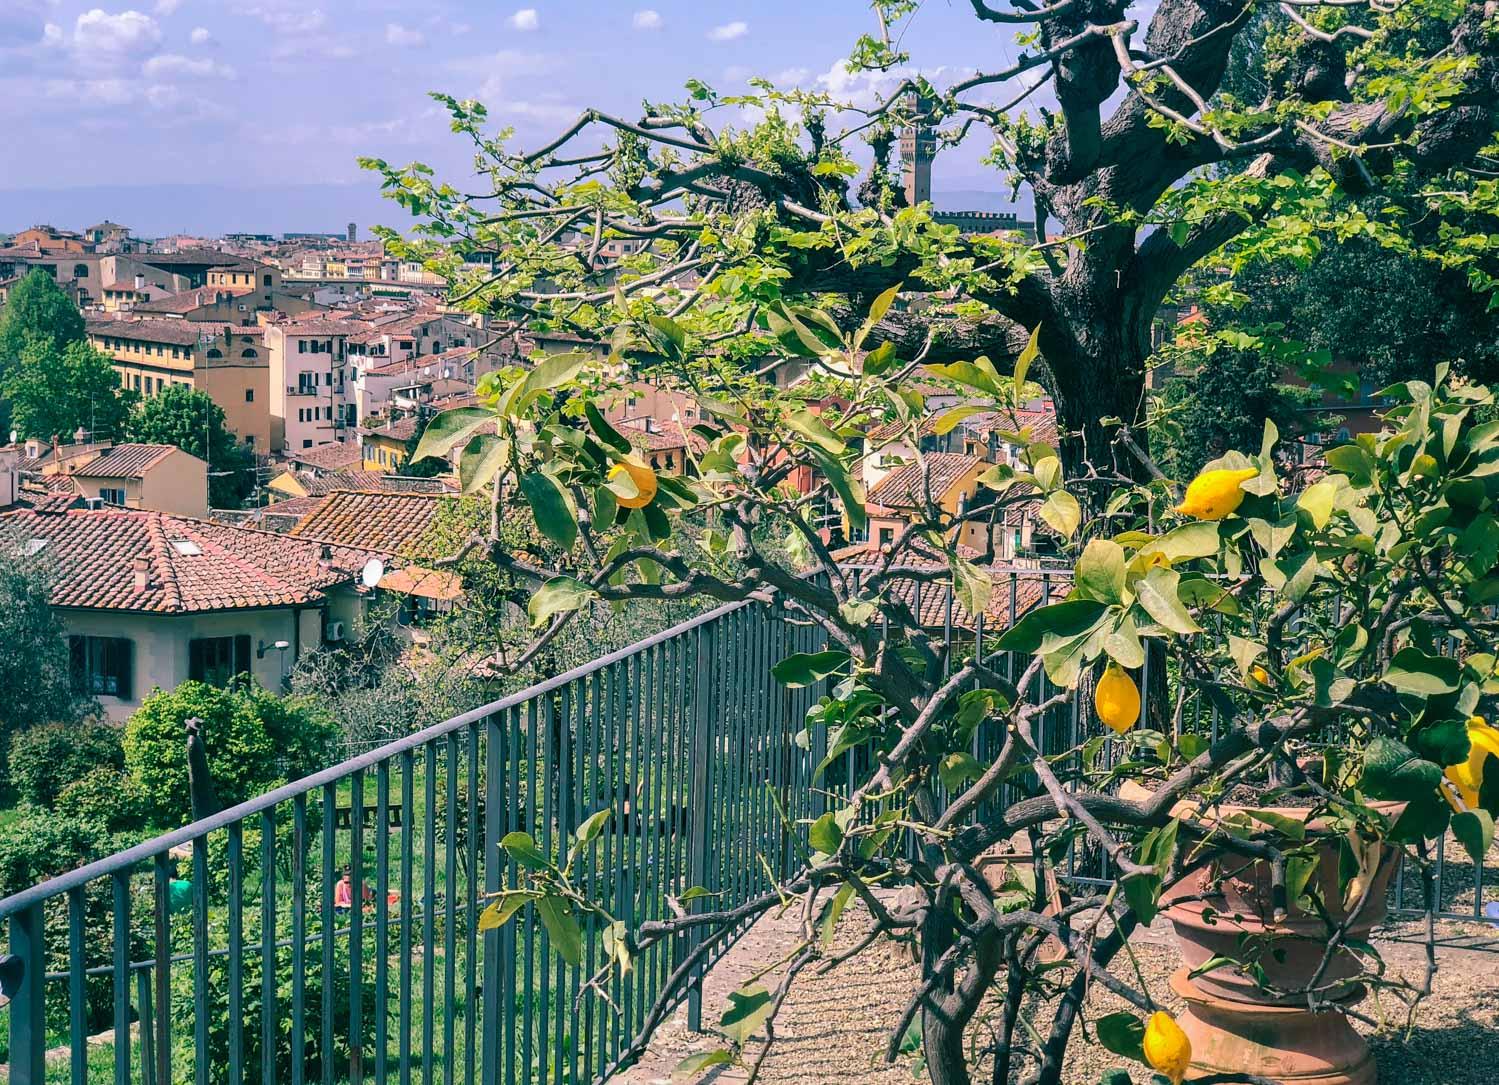 Giardino delle rose i Florens, Toscana